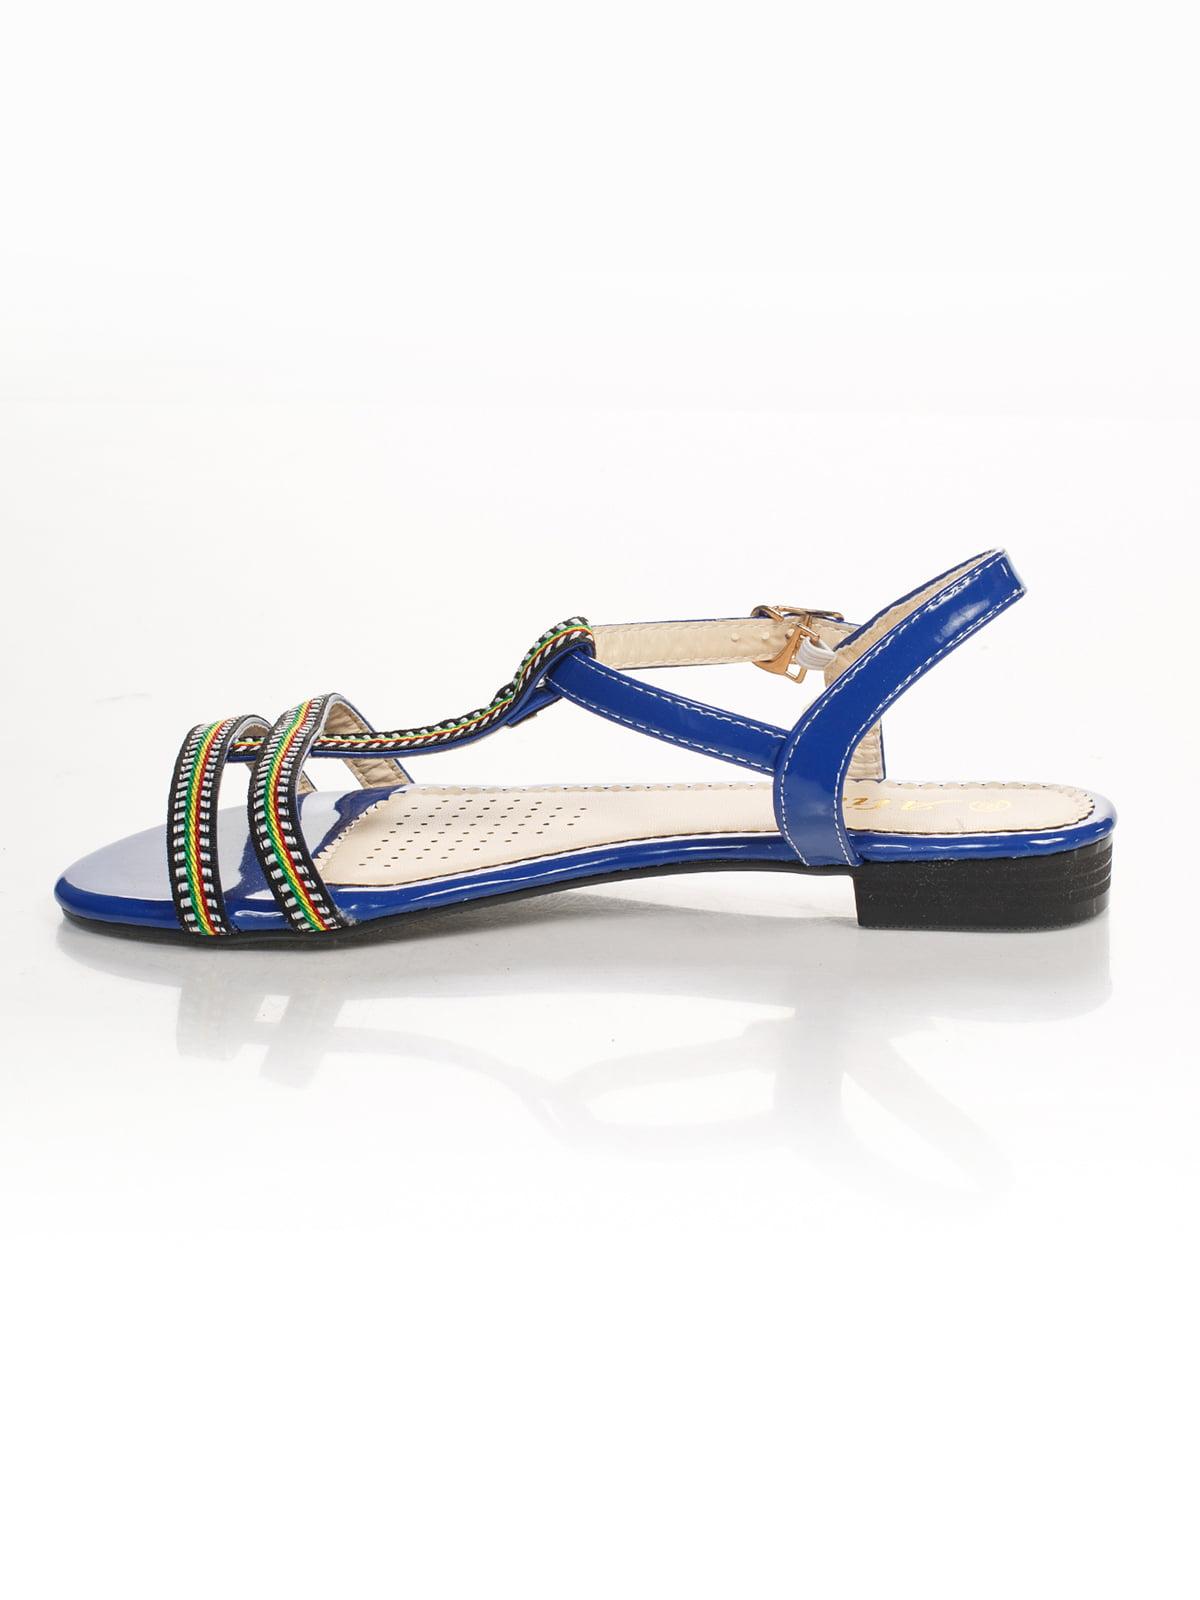 Сандалии синие с вышивкой | 4605216 | фото 2